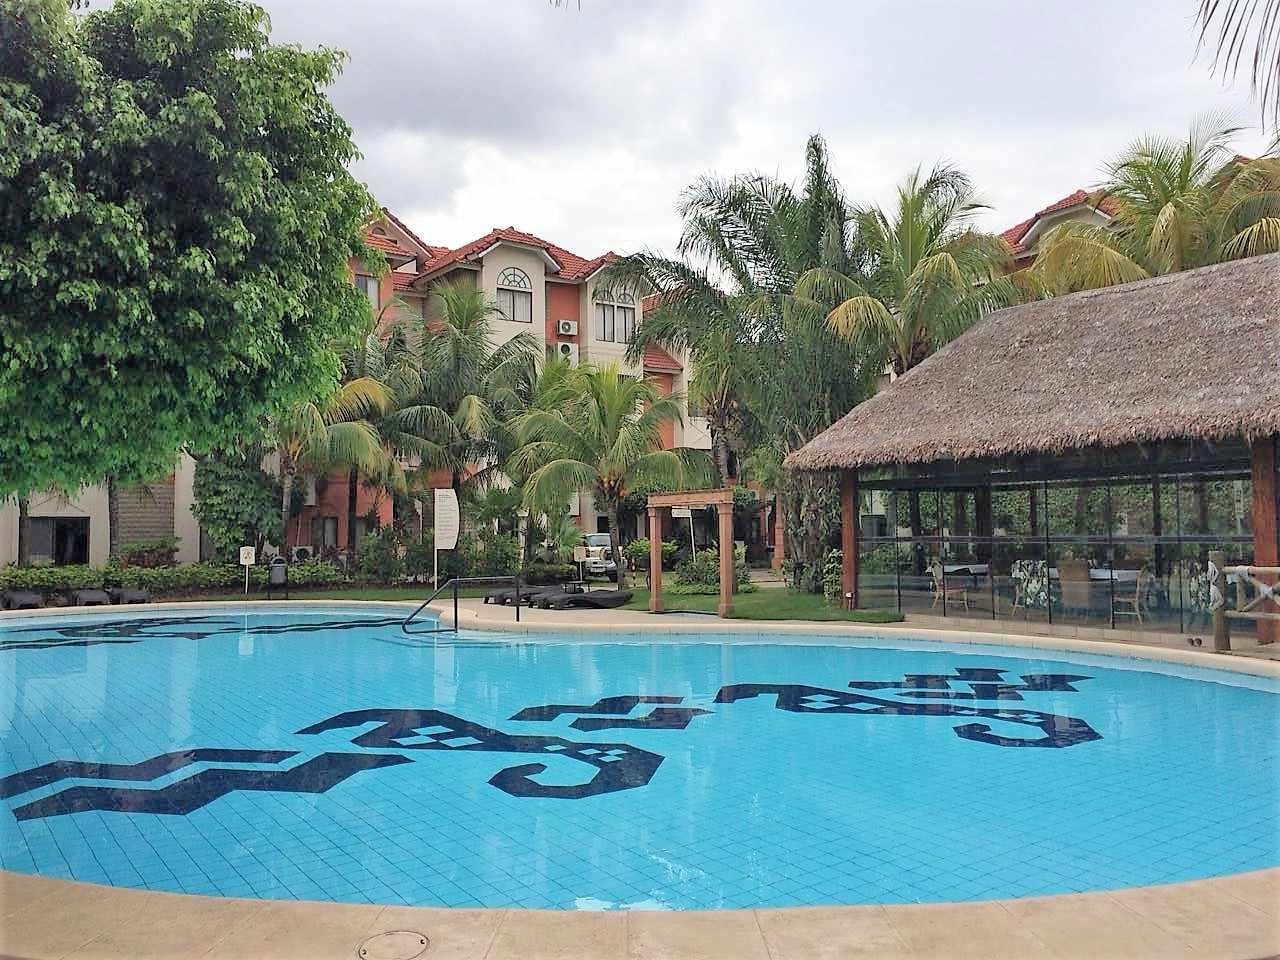 Departamento en Alquiler EN ALQUILER DPTO DE 2 DORM - Buganvillas Suits & Spa - Roca y Coronado  Foto 4